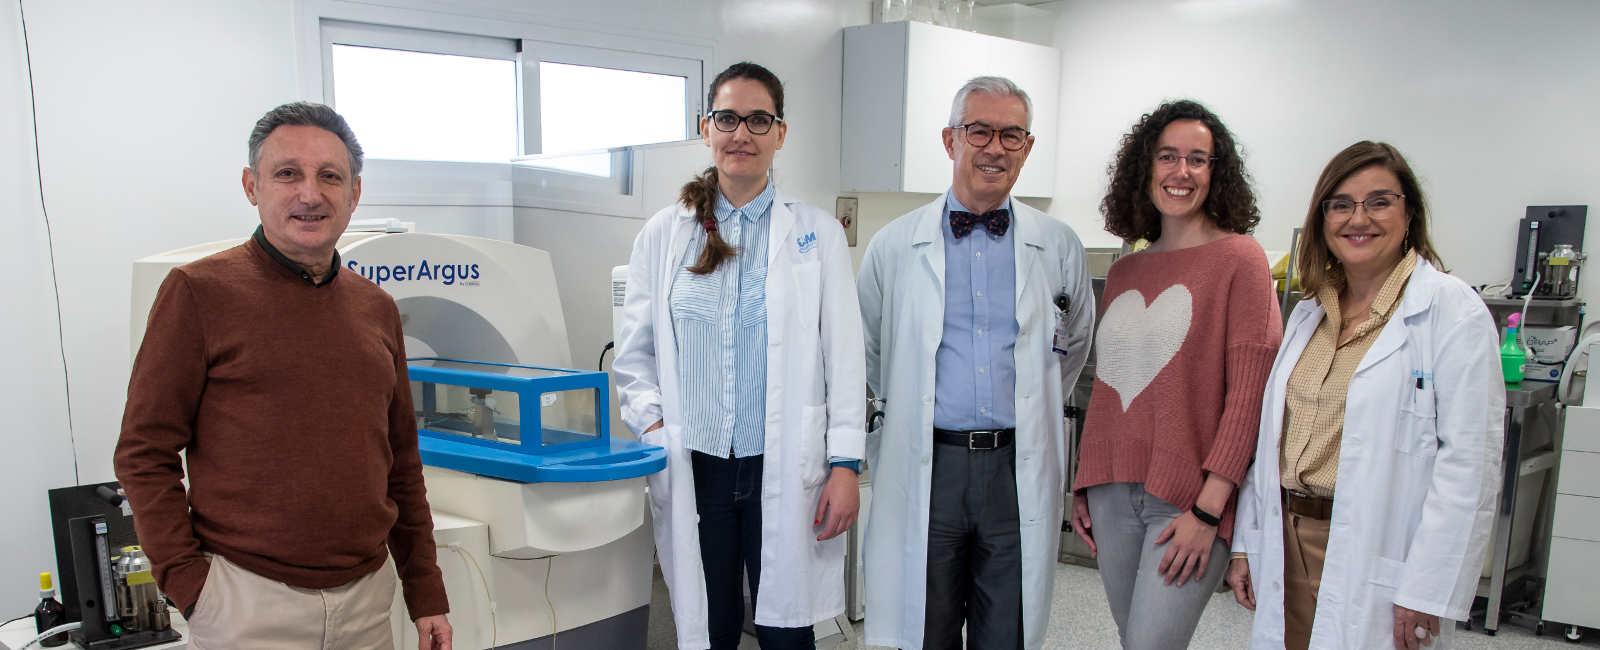 MANUEL DESCO, BEATRIZ SALINAS, EMILIO BOUZA, LORENA CUSSO Y PATRICIA MUÑOZ